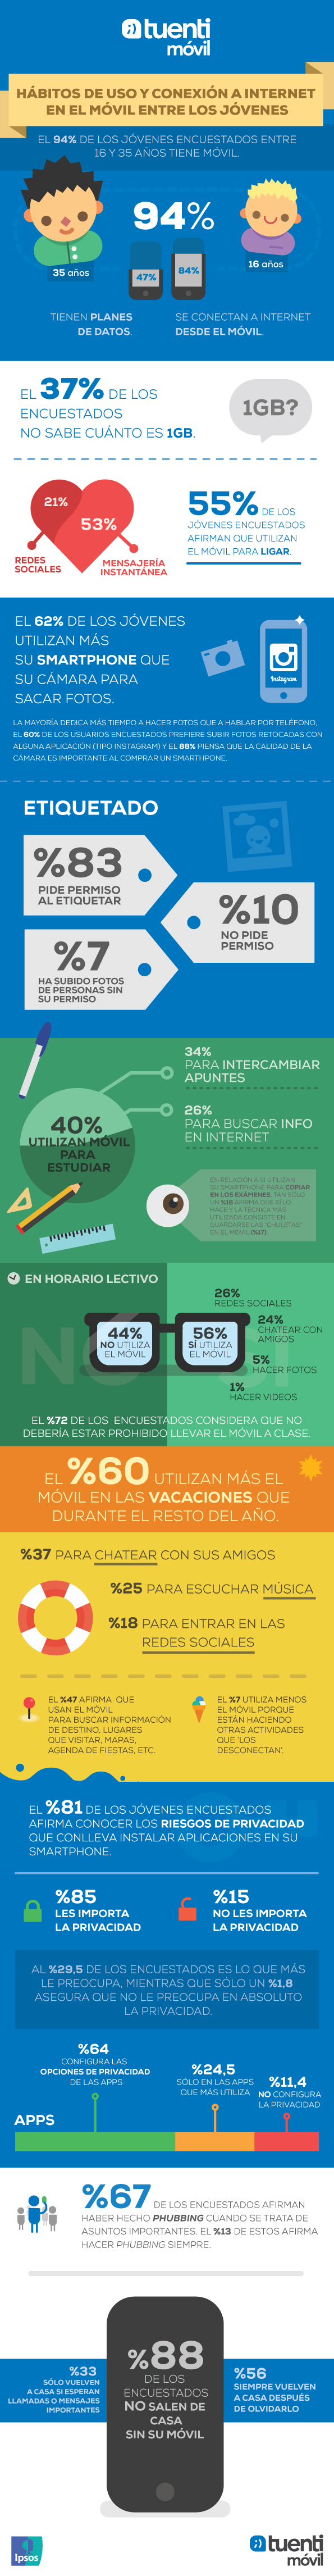 Imagen: Tuenti Móvil e IPSOS